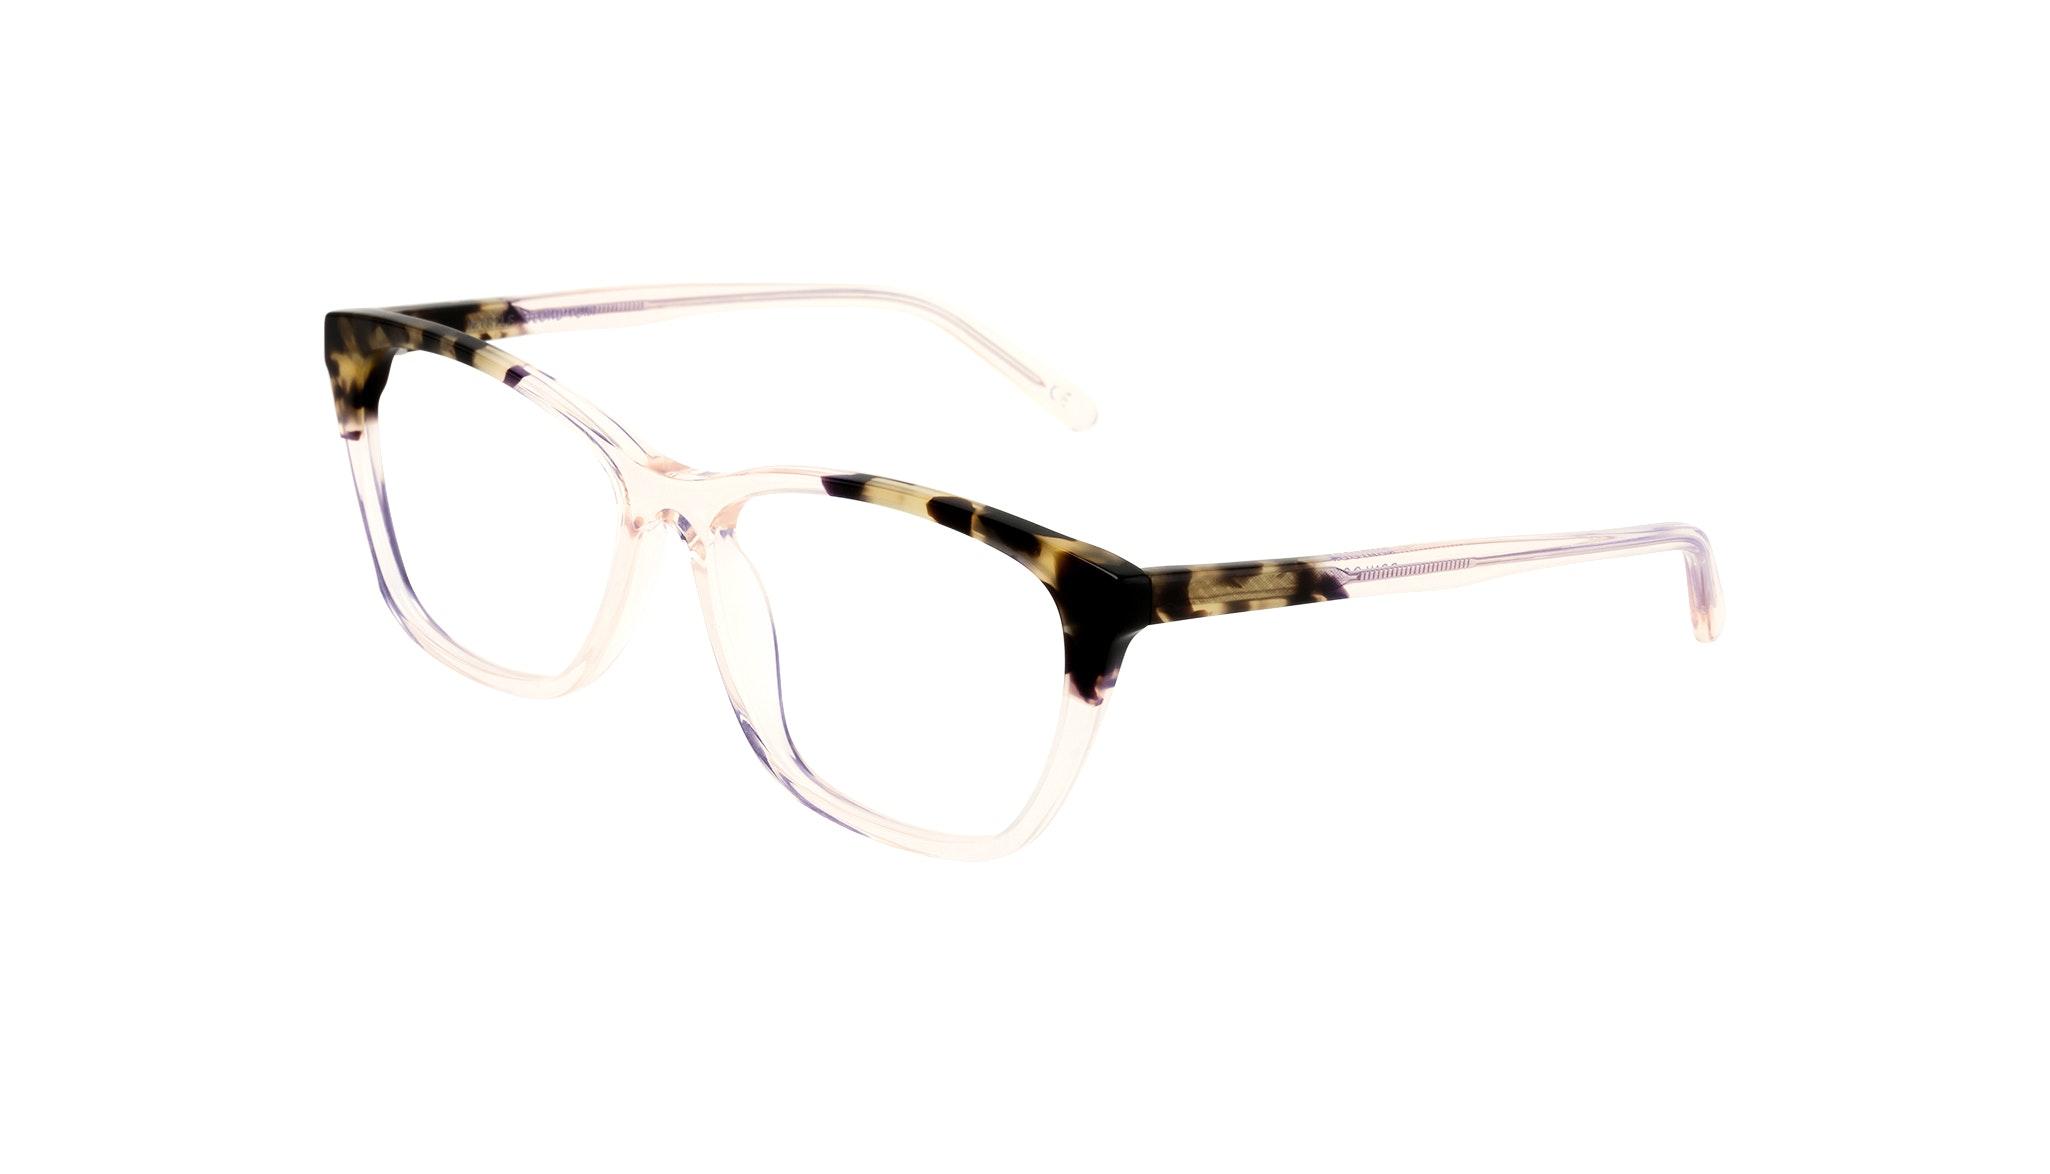 Affordable Fashion Glasses Cat Eye Rectangle Eyeglasses Women Myrtle Blond Tortoise Tilt